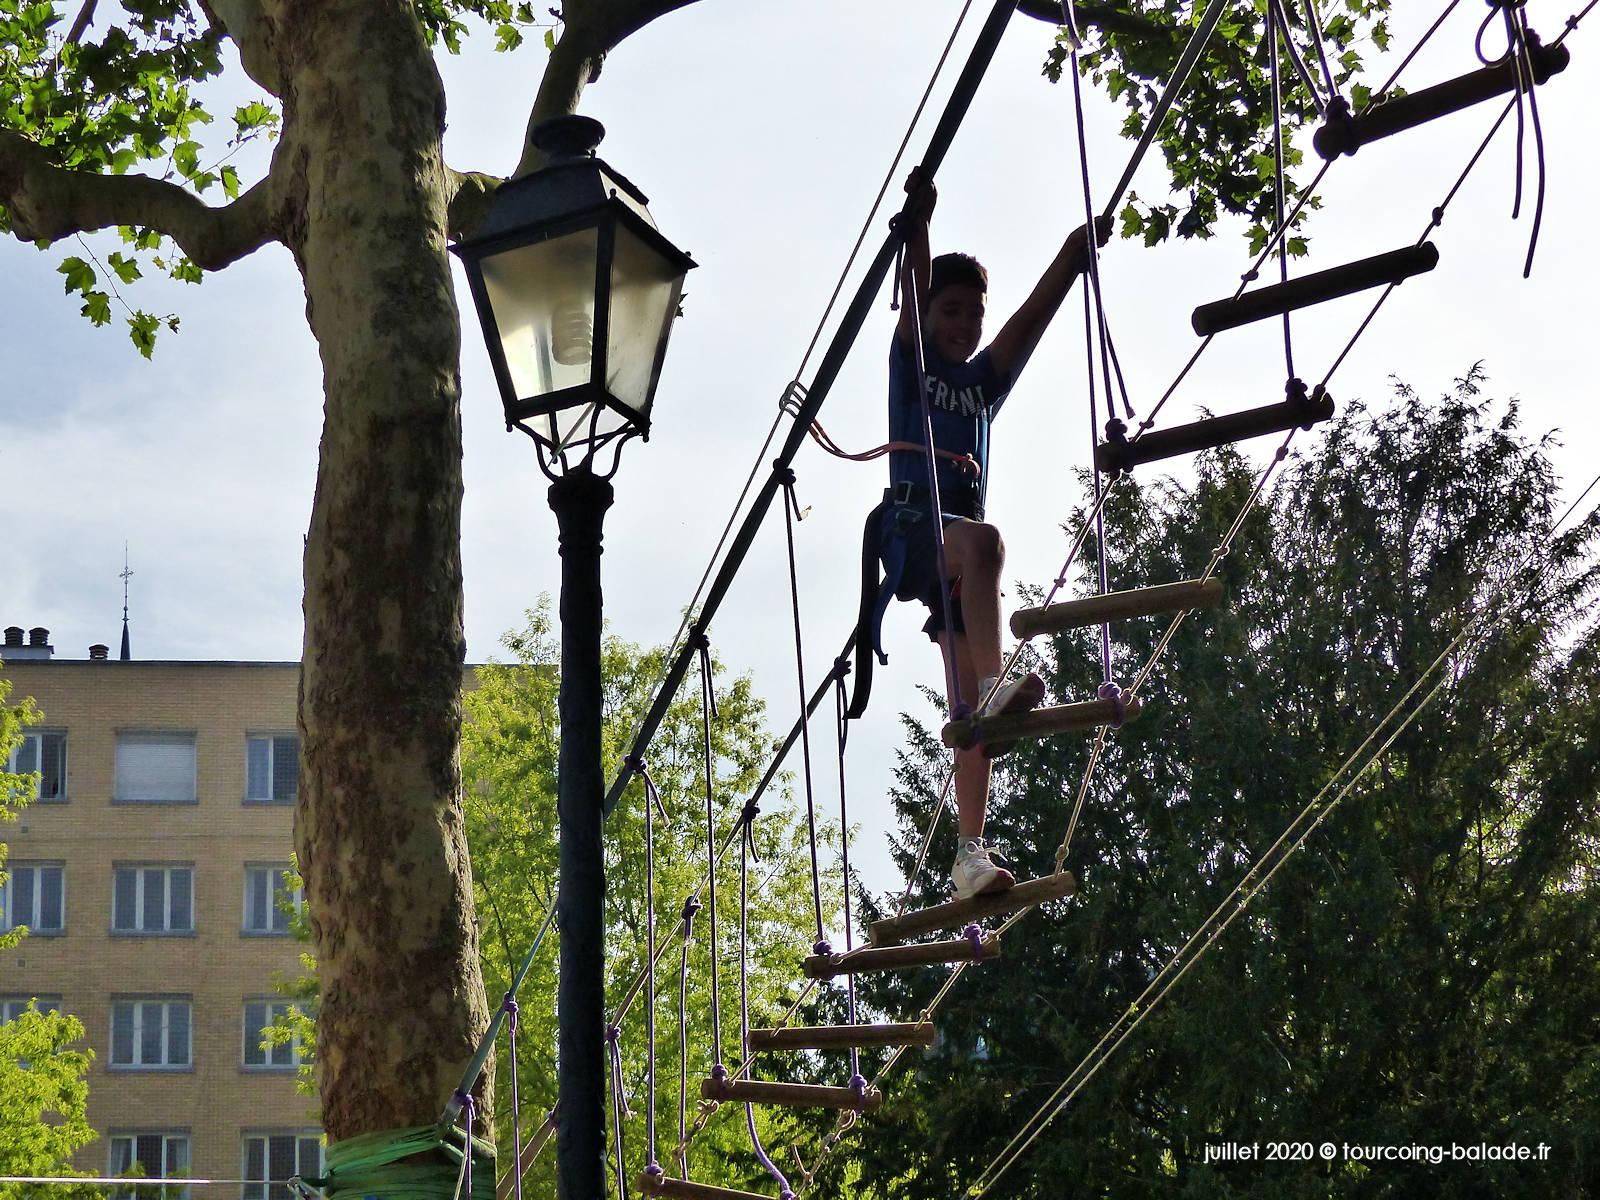 Accrobranche, Places d'été Tourcoing 2020